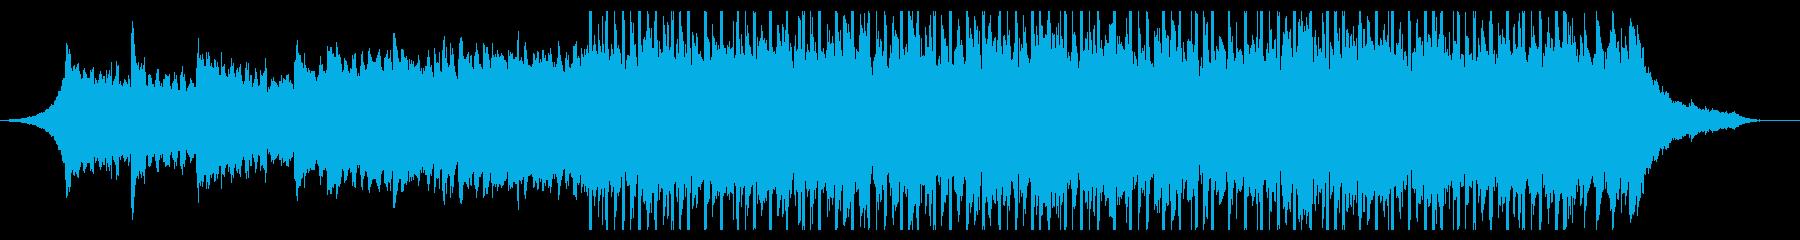 チャンピオン(60秒)の再生済みの波形